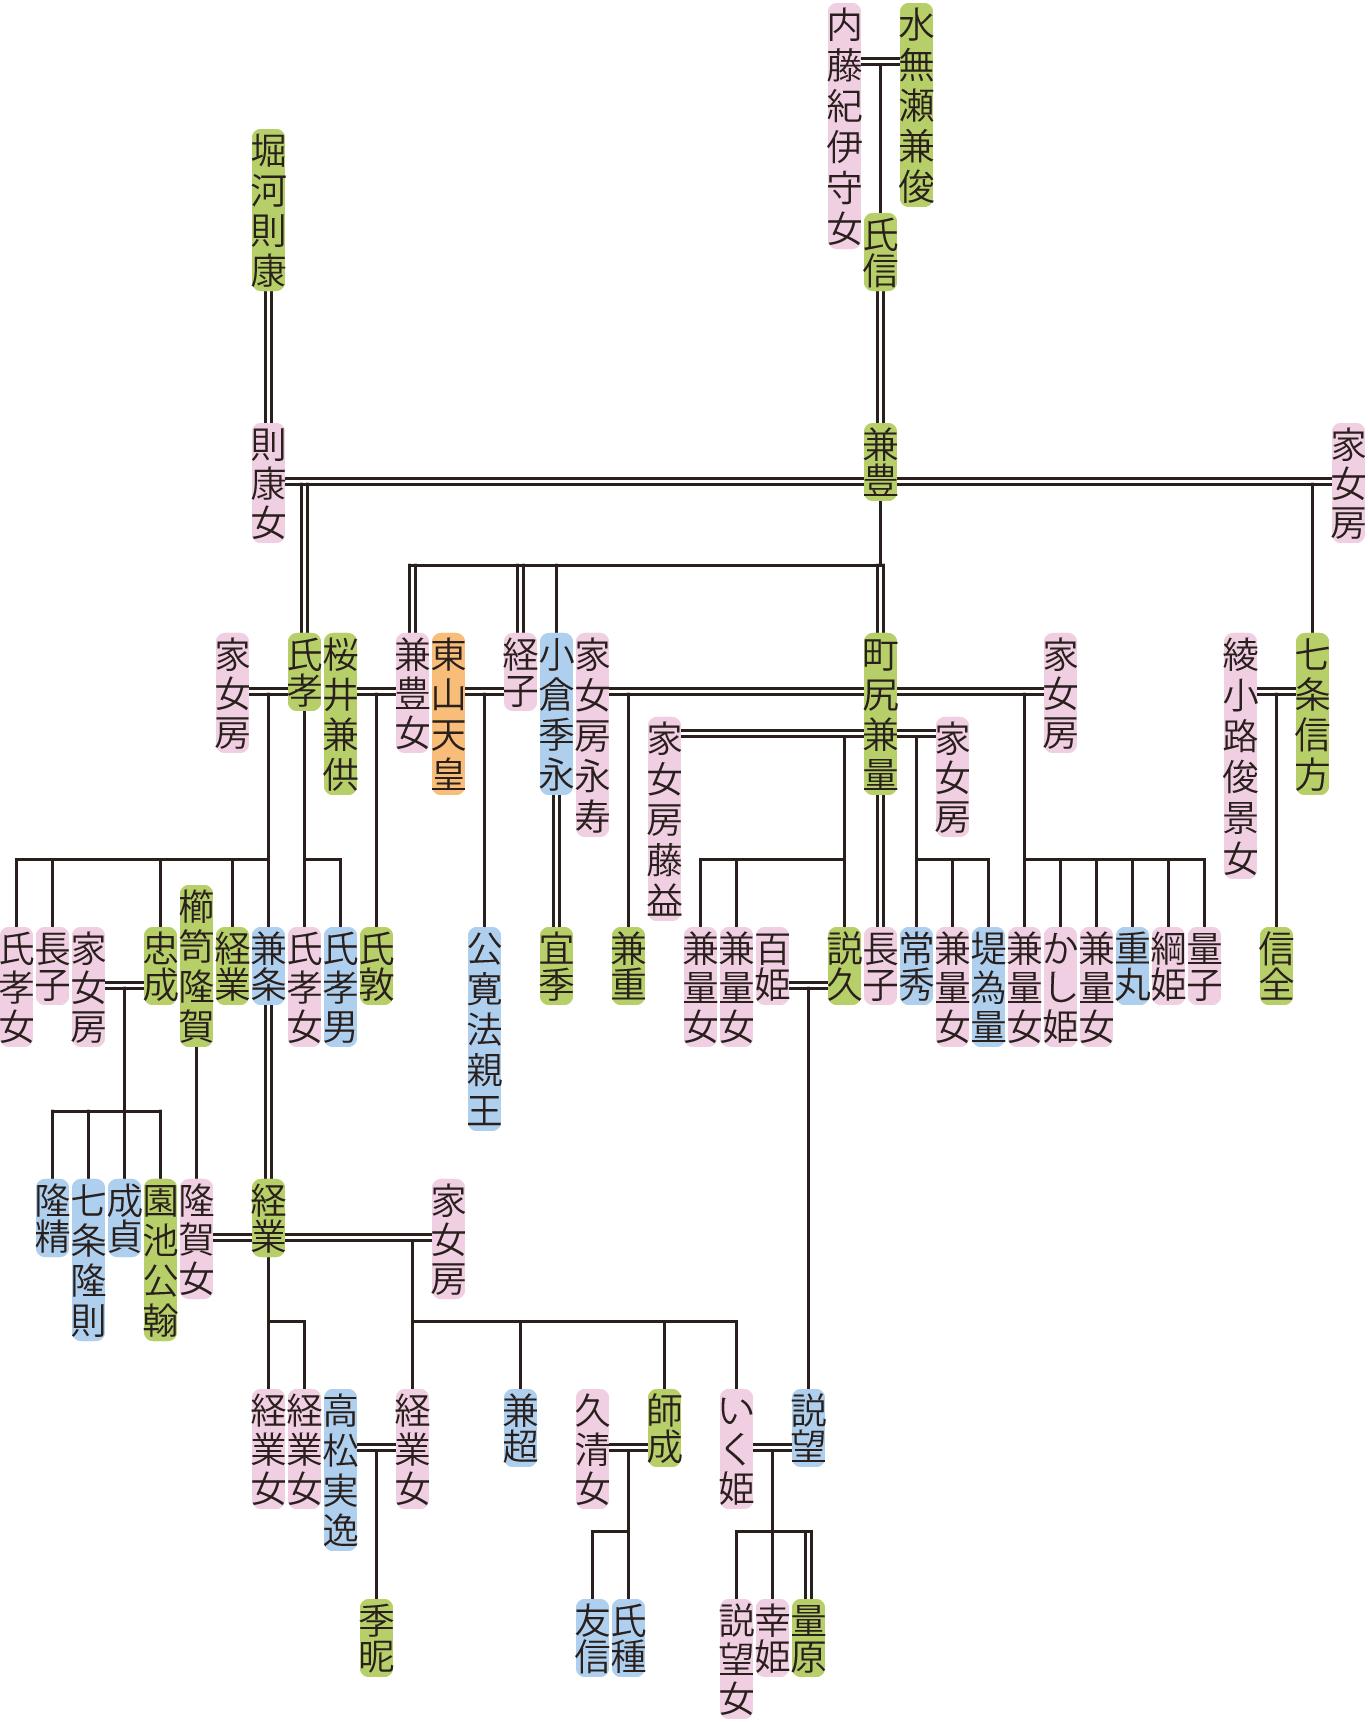 水無瀬兼豊~経業の系図